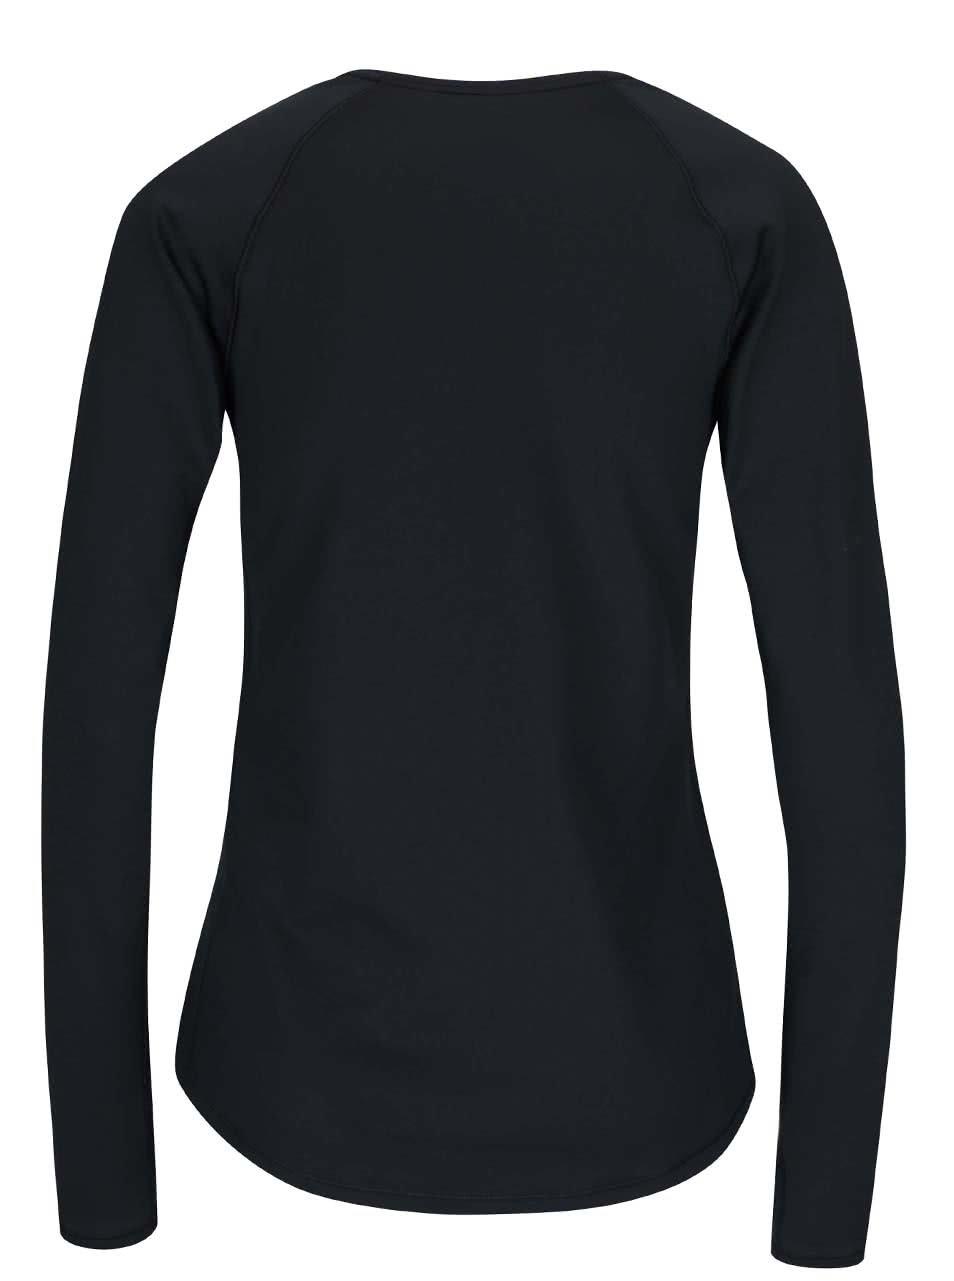 e1e5a46eb857 Čierne dámske funkčné tričko s dlhým rukávom Under Armour ColdGear Armour  Crew ...